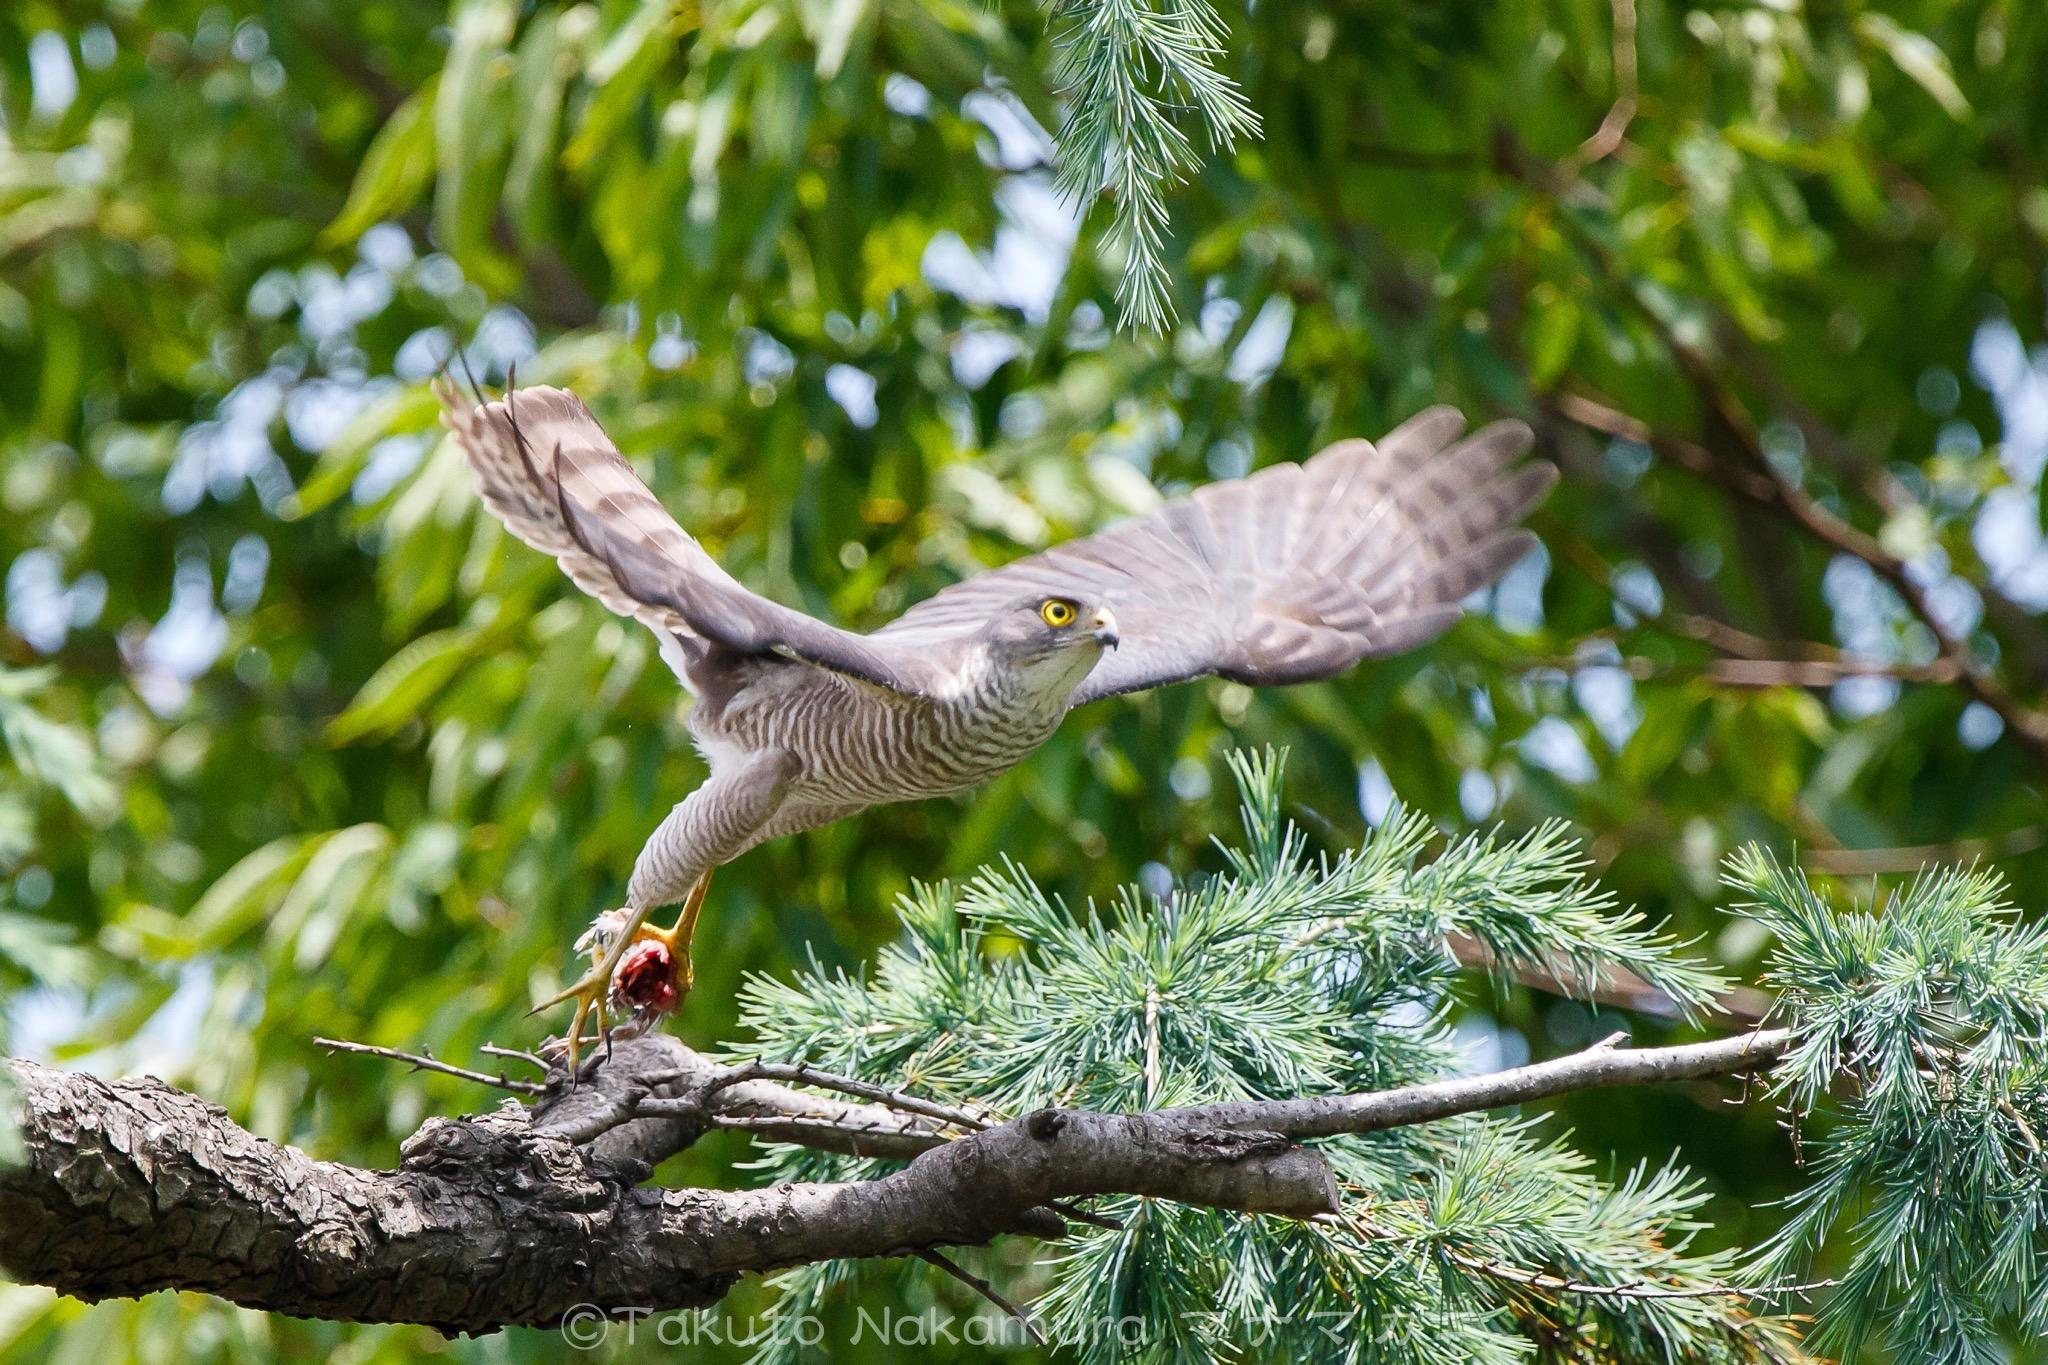 オスから受け取った獲物を巣に運ぶメス。 ※クリックするとBlog記事が表示されます。 2020年6月足立区